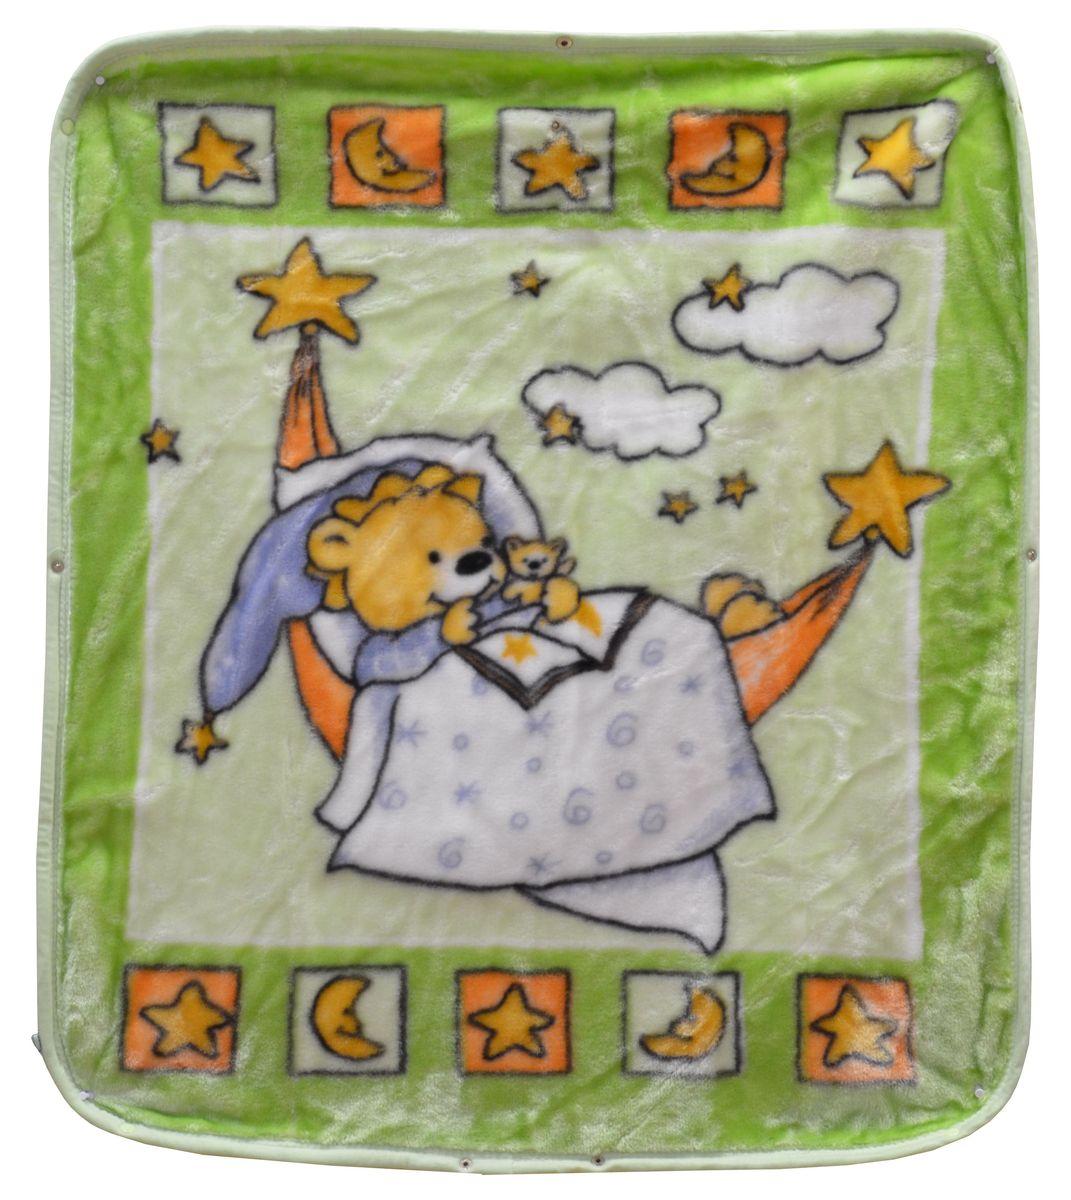 Bonne Fee Плед-накидка для младенцев на молнии 3, 80 х 90 см, цвет: зеленыйОНДК/300-зел3Плед-накидка для младенцев на молнии Bonne Fee - защита, тепло и комфорт для малышей - использован надёжный, качественный и мягкий материал! Удобство и спокойствие для родителей обеспечивается универсальностью пледа-накидки, конструкция которого позволяет ему легко превращаться в конвертик. Отличное качество и практичность! Любите своего ребёнка и дарите ему лучшее!